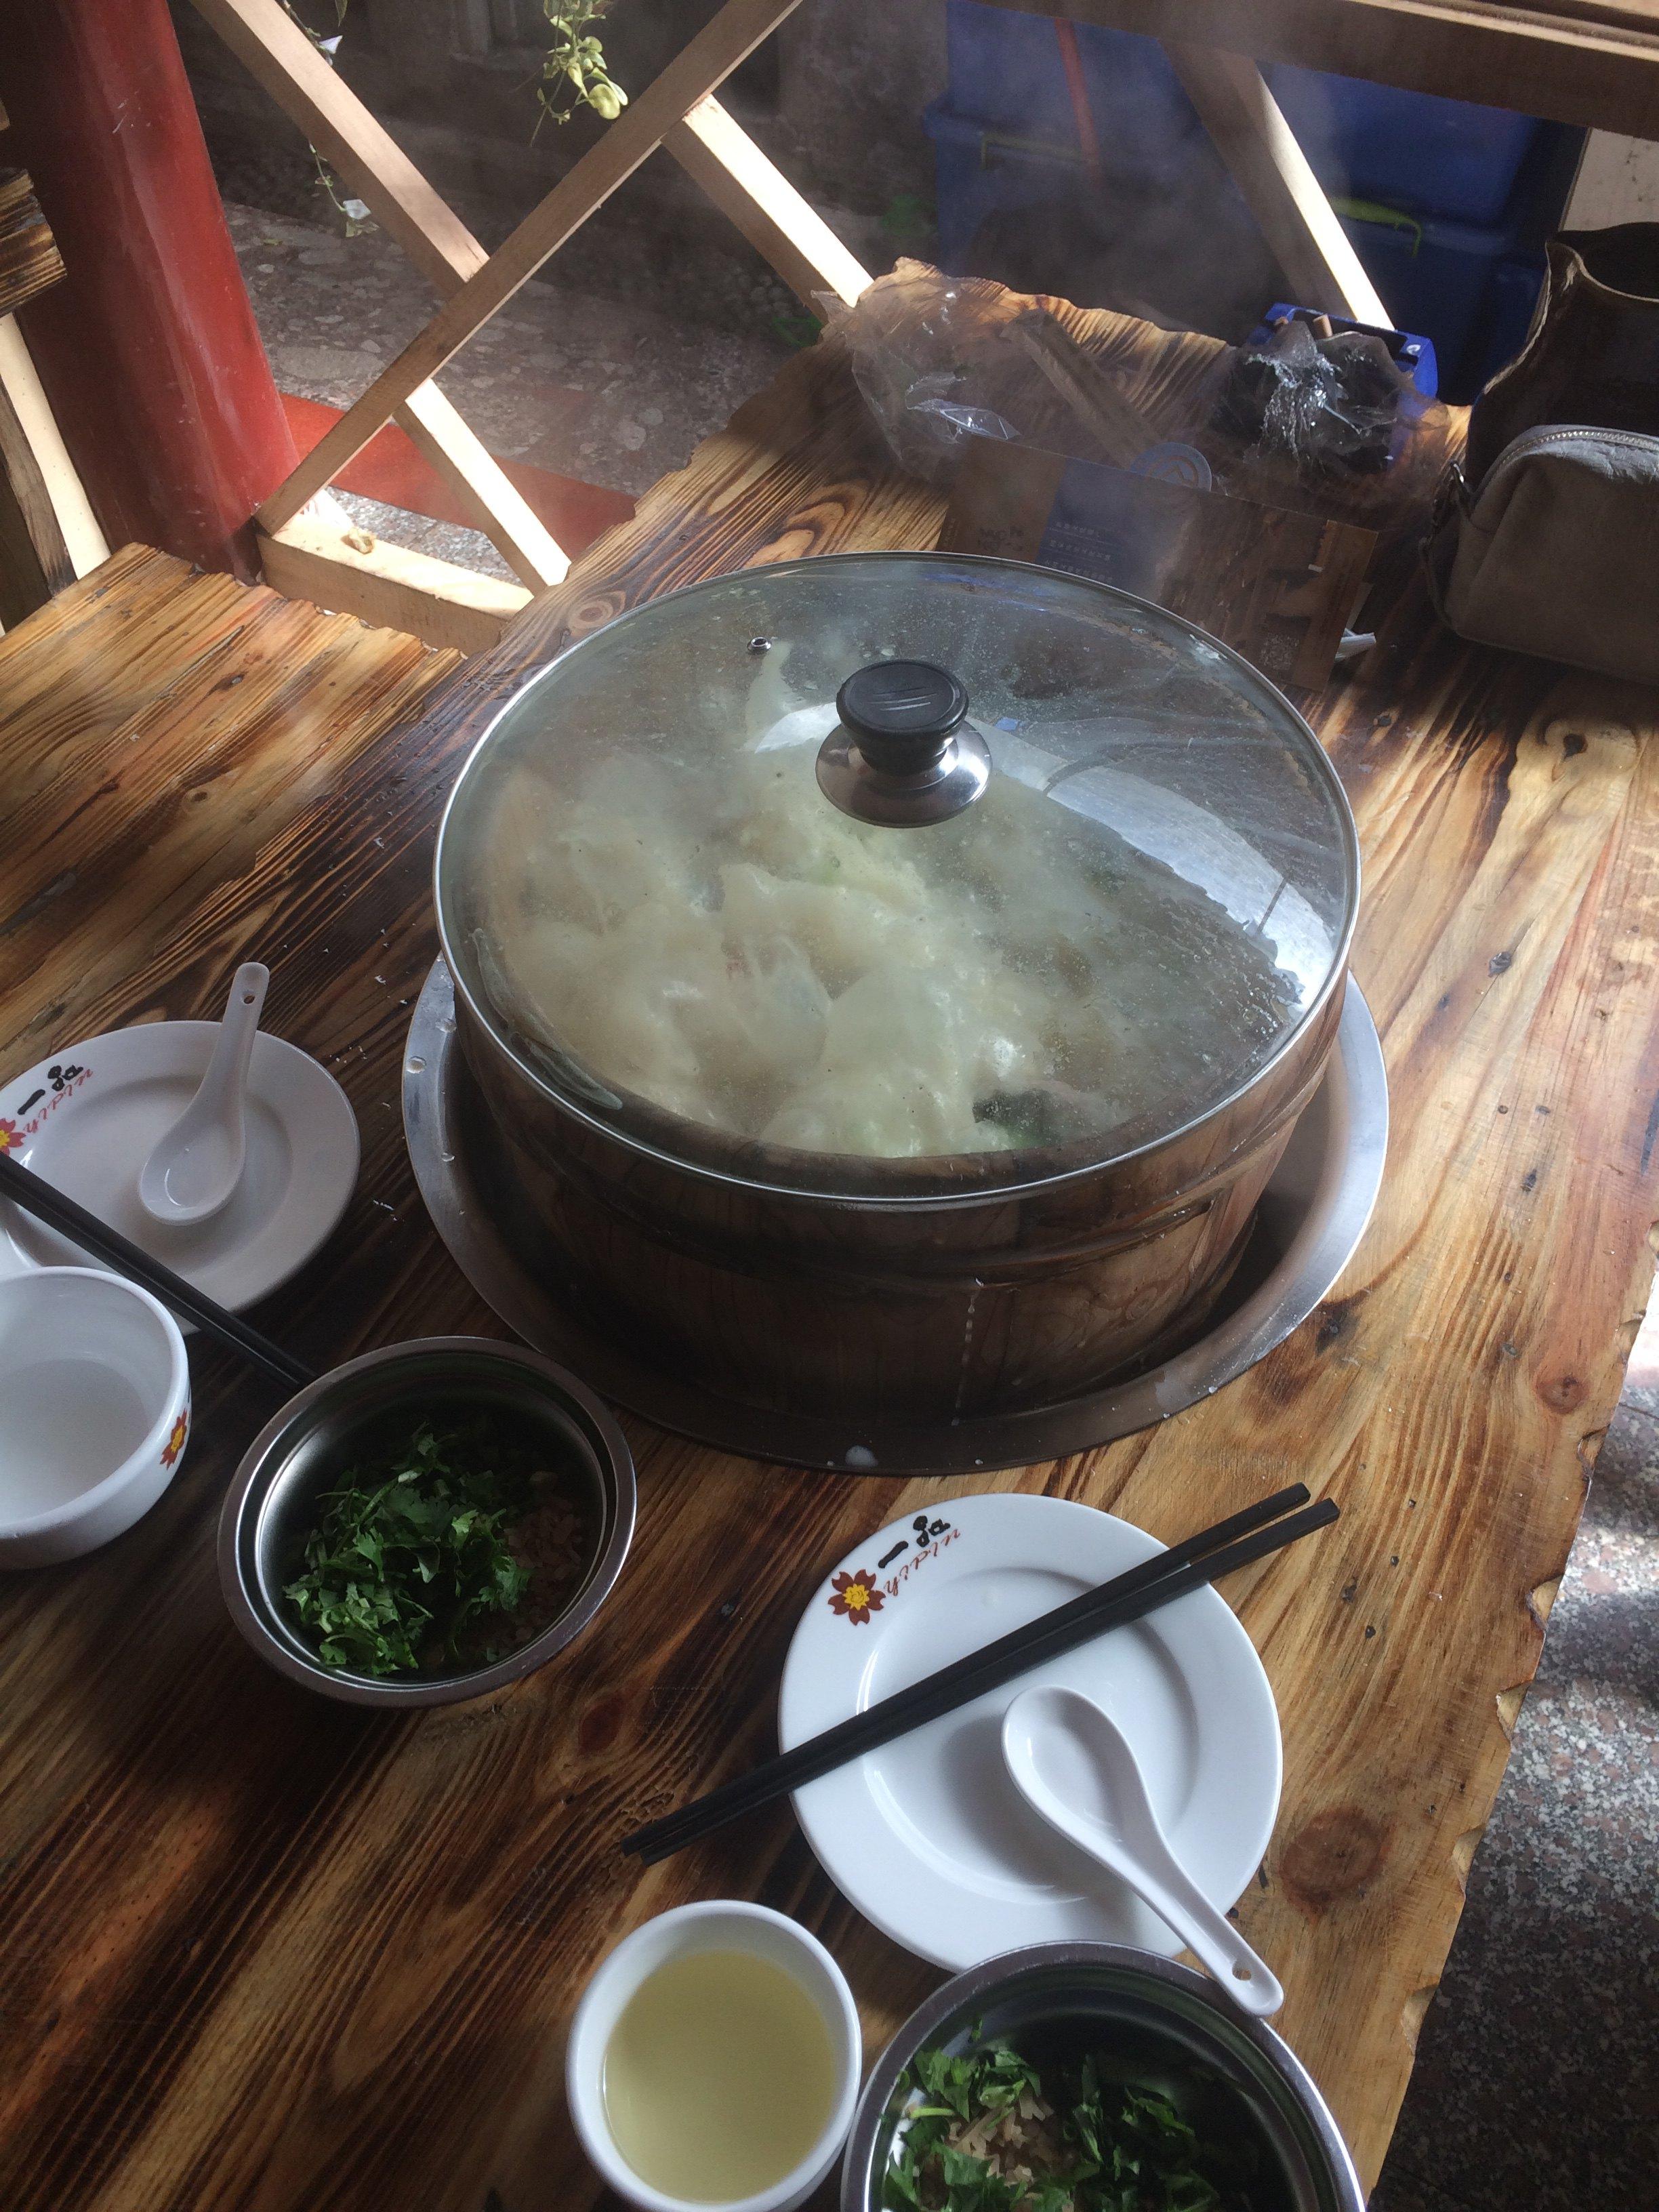 丽江/丽江第一餐:木桶鱼,客栈老板推荐的,特别特别好吃四方街